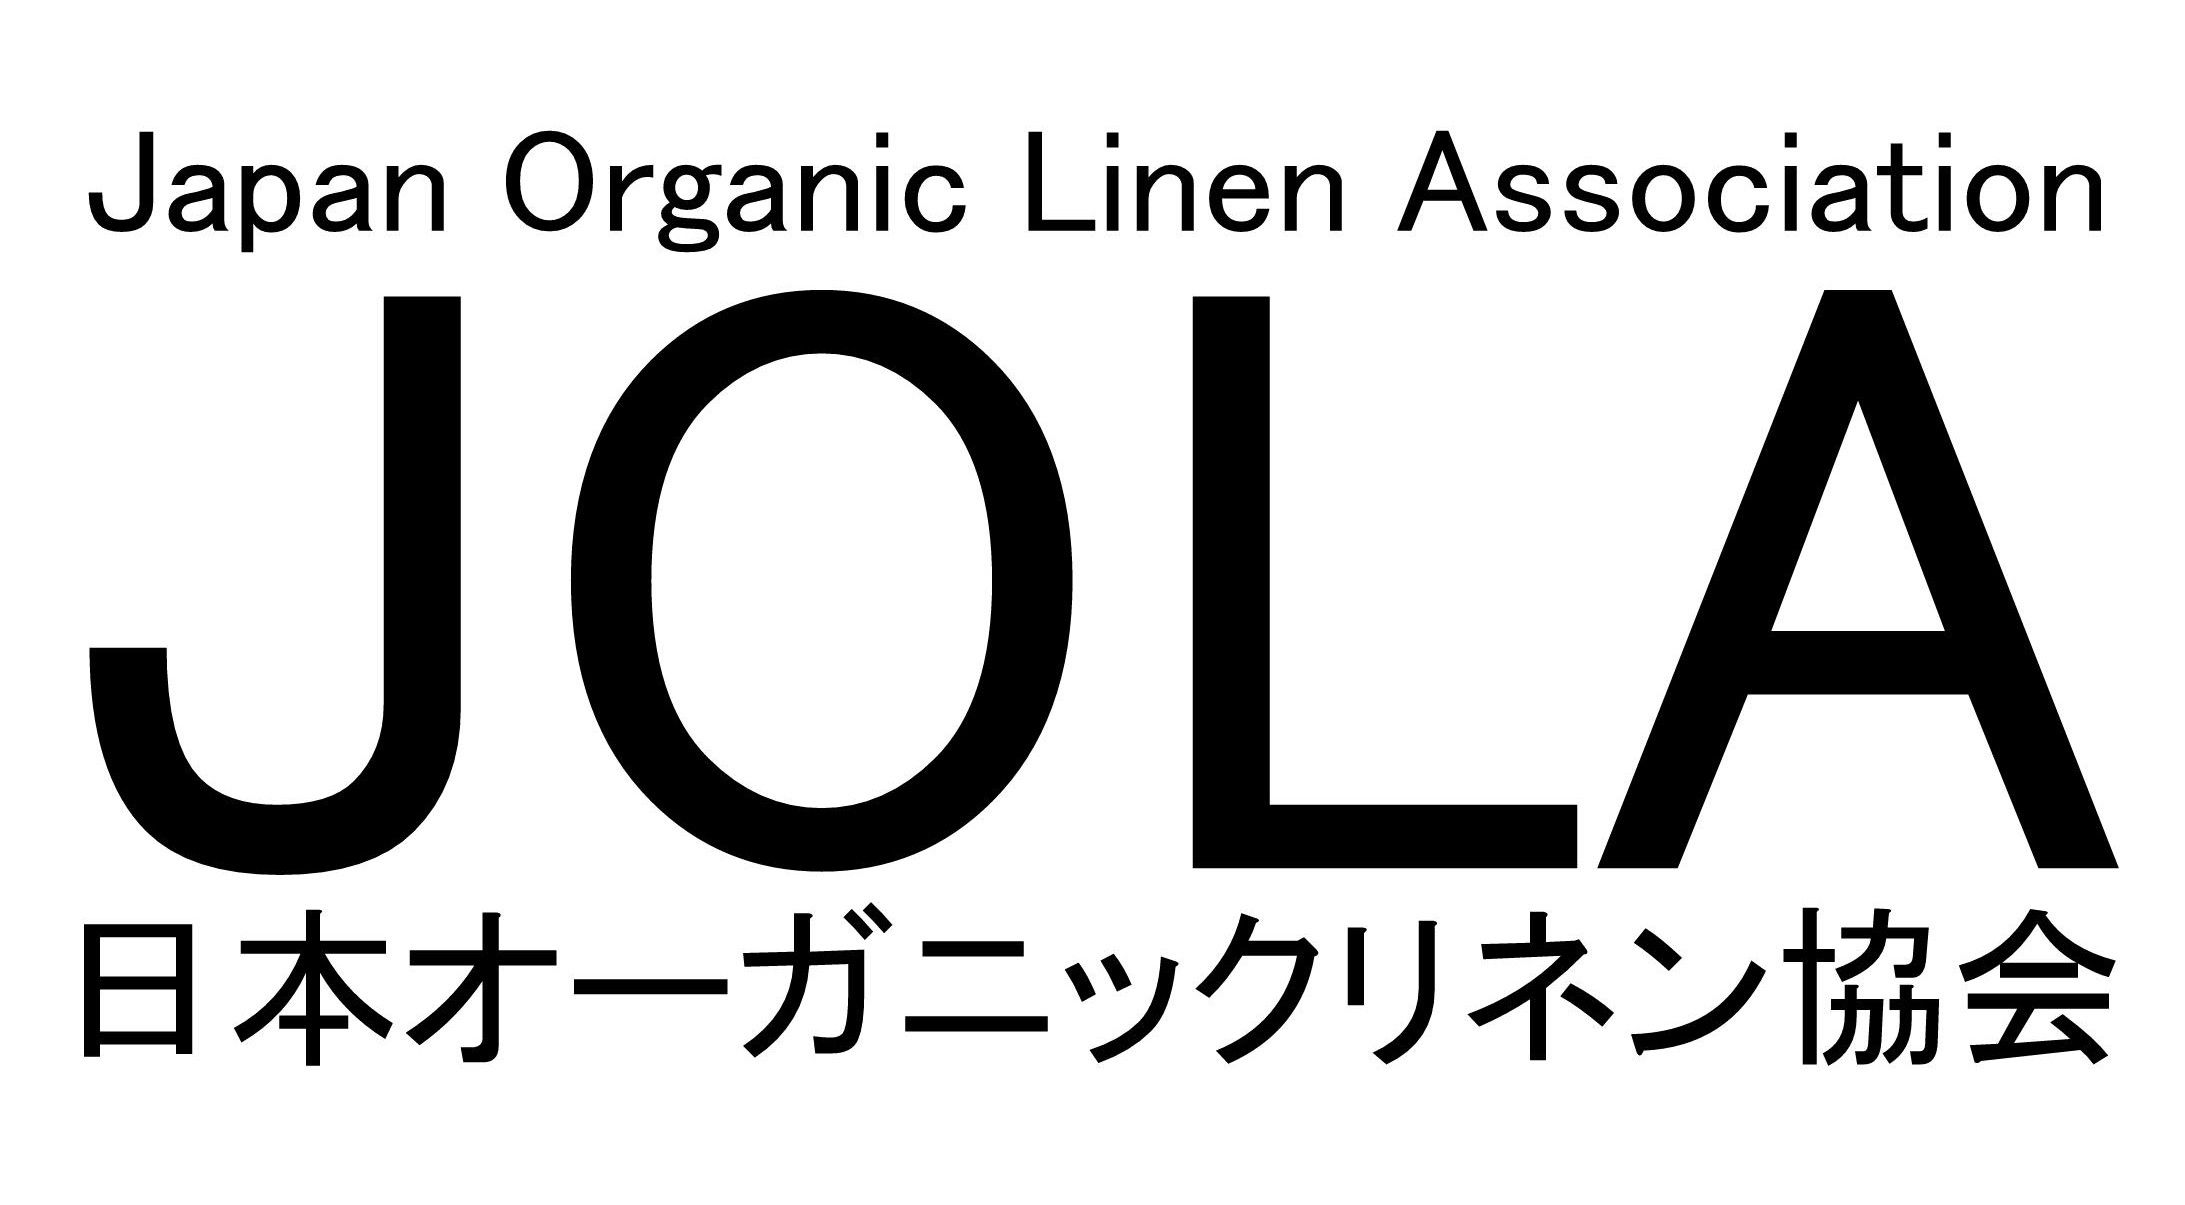 Japan Organic Linen Association JOLA 日本オーガニックリネン協会